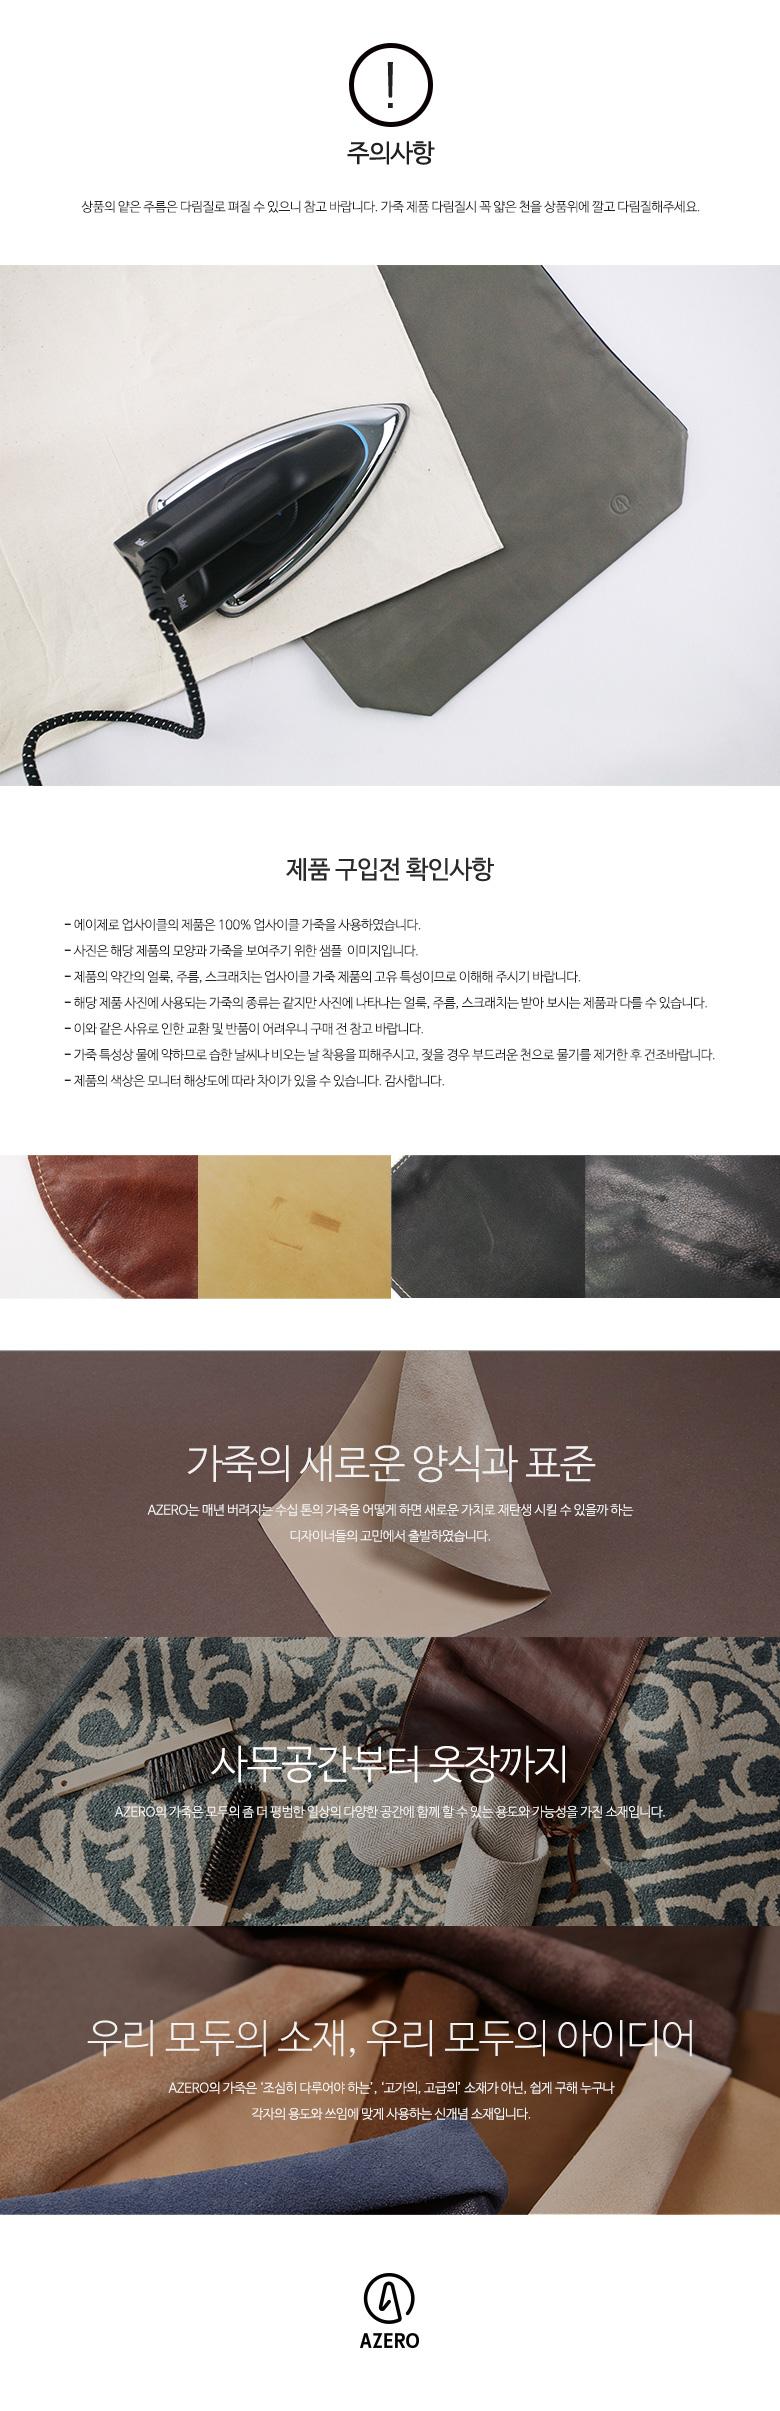 A3.8 페이퍼백 (레드-B TYPE) - 에이제로, 79,000원, 토트백, 가죽토트백